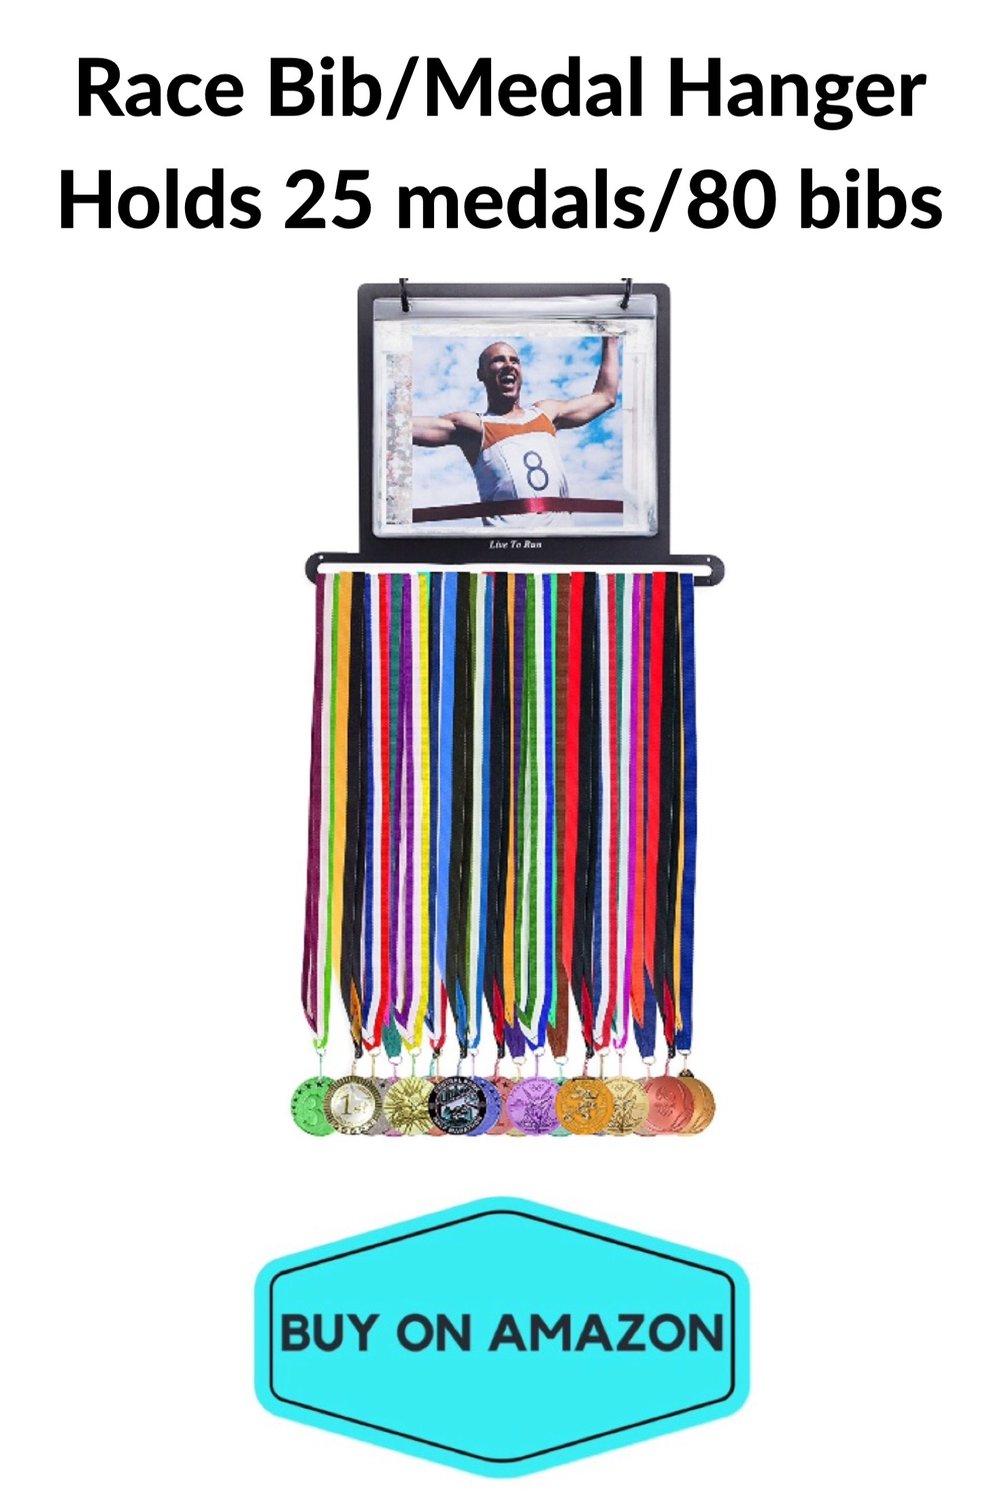 Race Bib/Medal Hanger